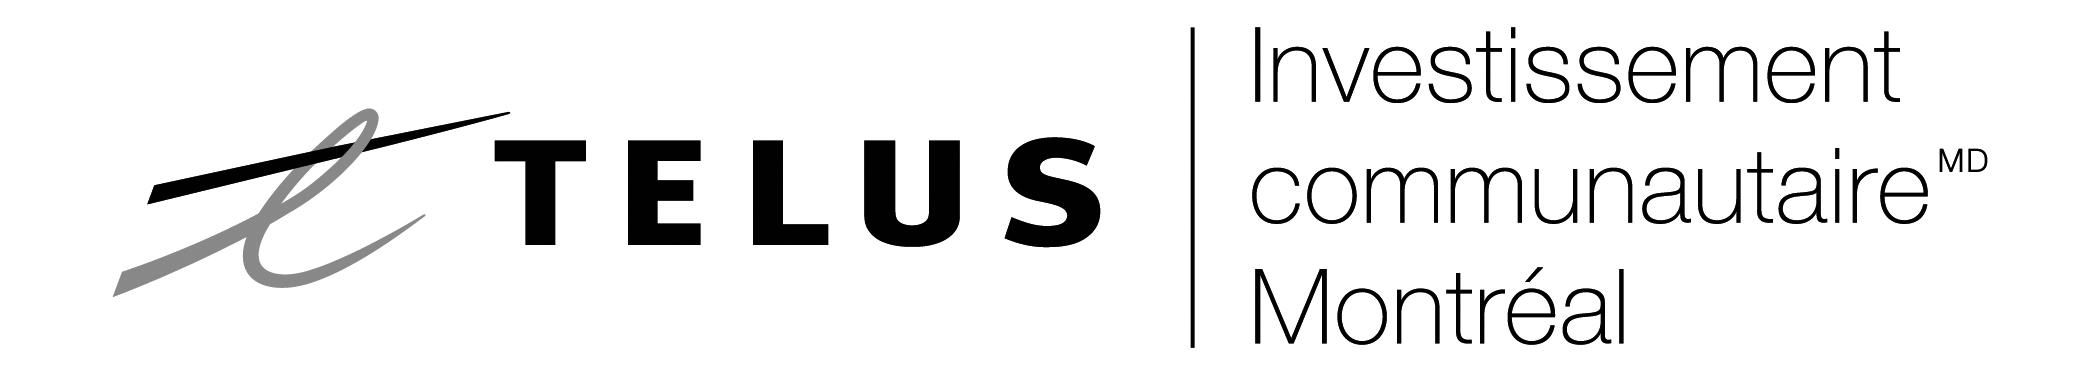 TELUS | Fonds d'investissement communautaire